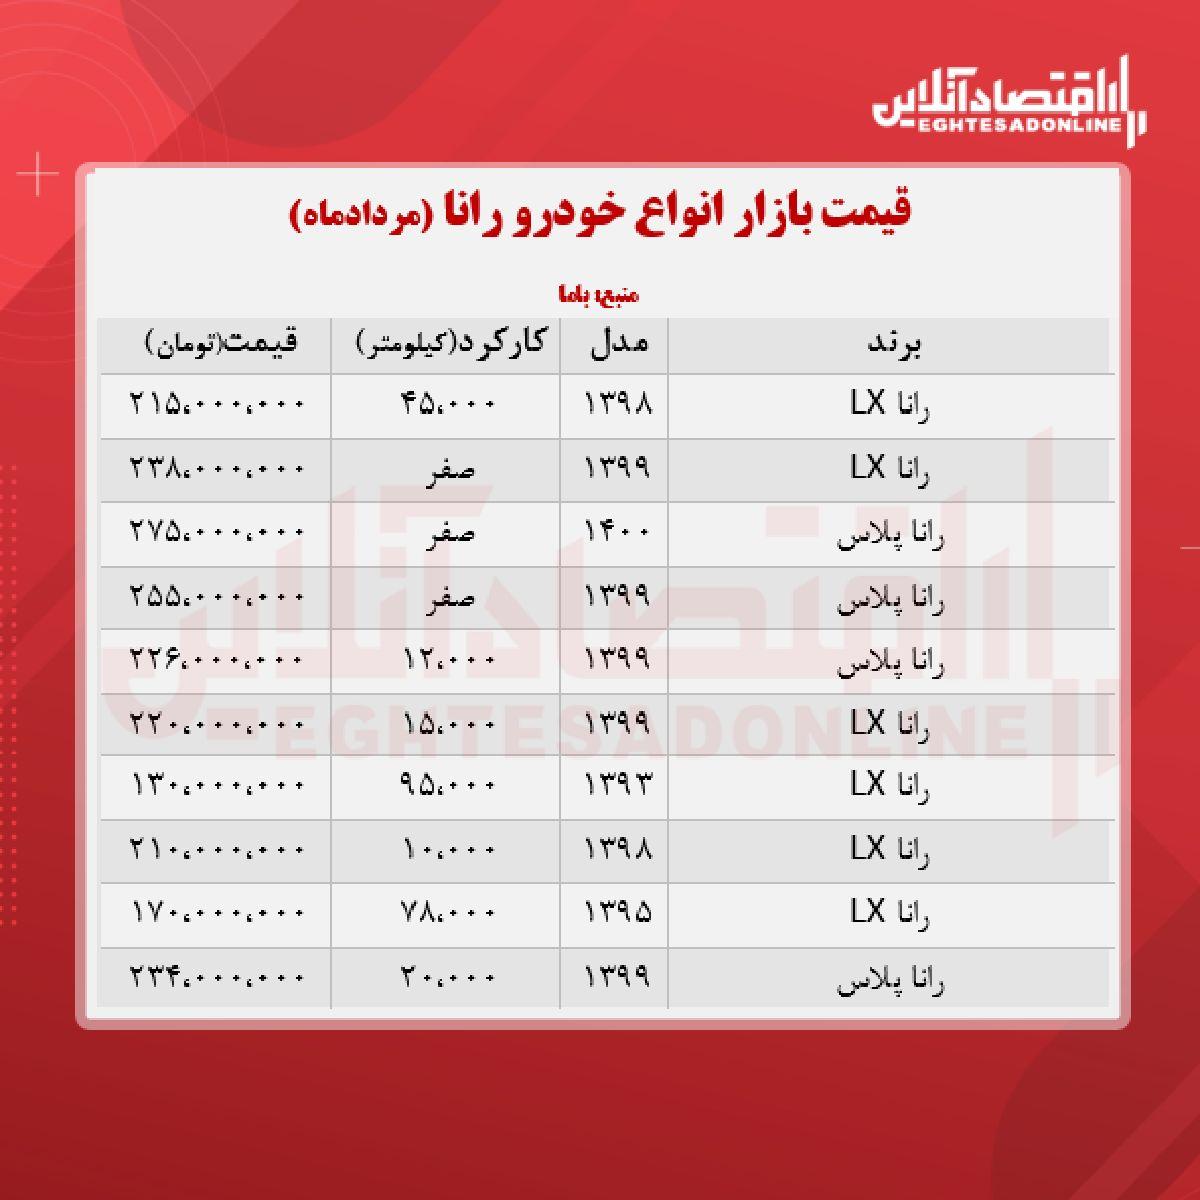 رانا امروز ۲۳۸ میلیون تومان معامله شد + جدول